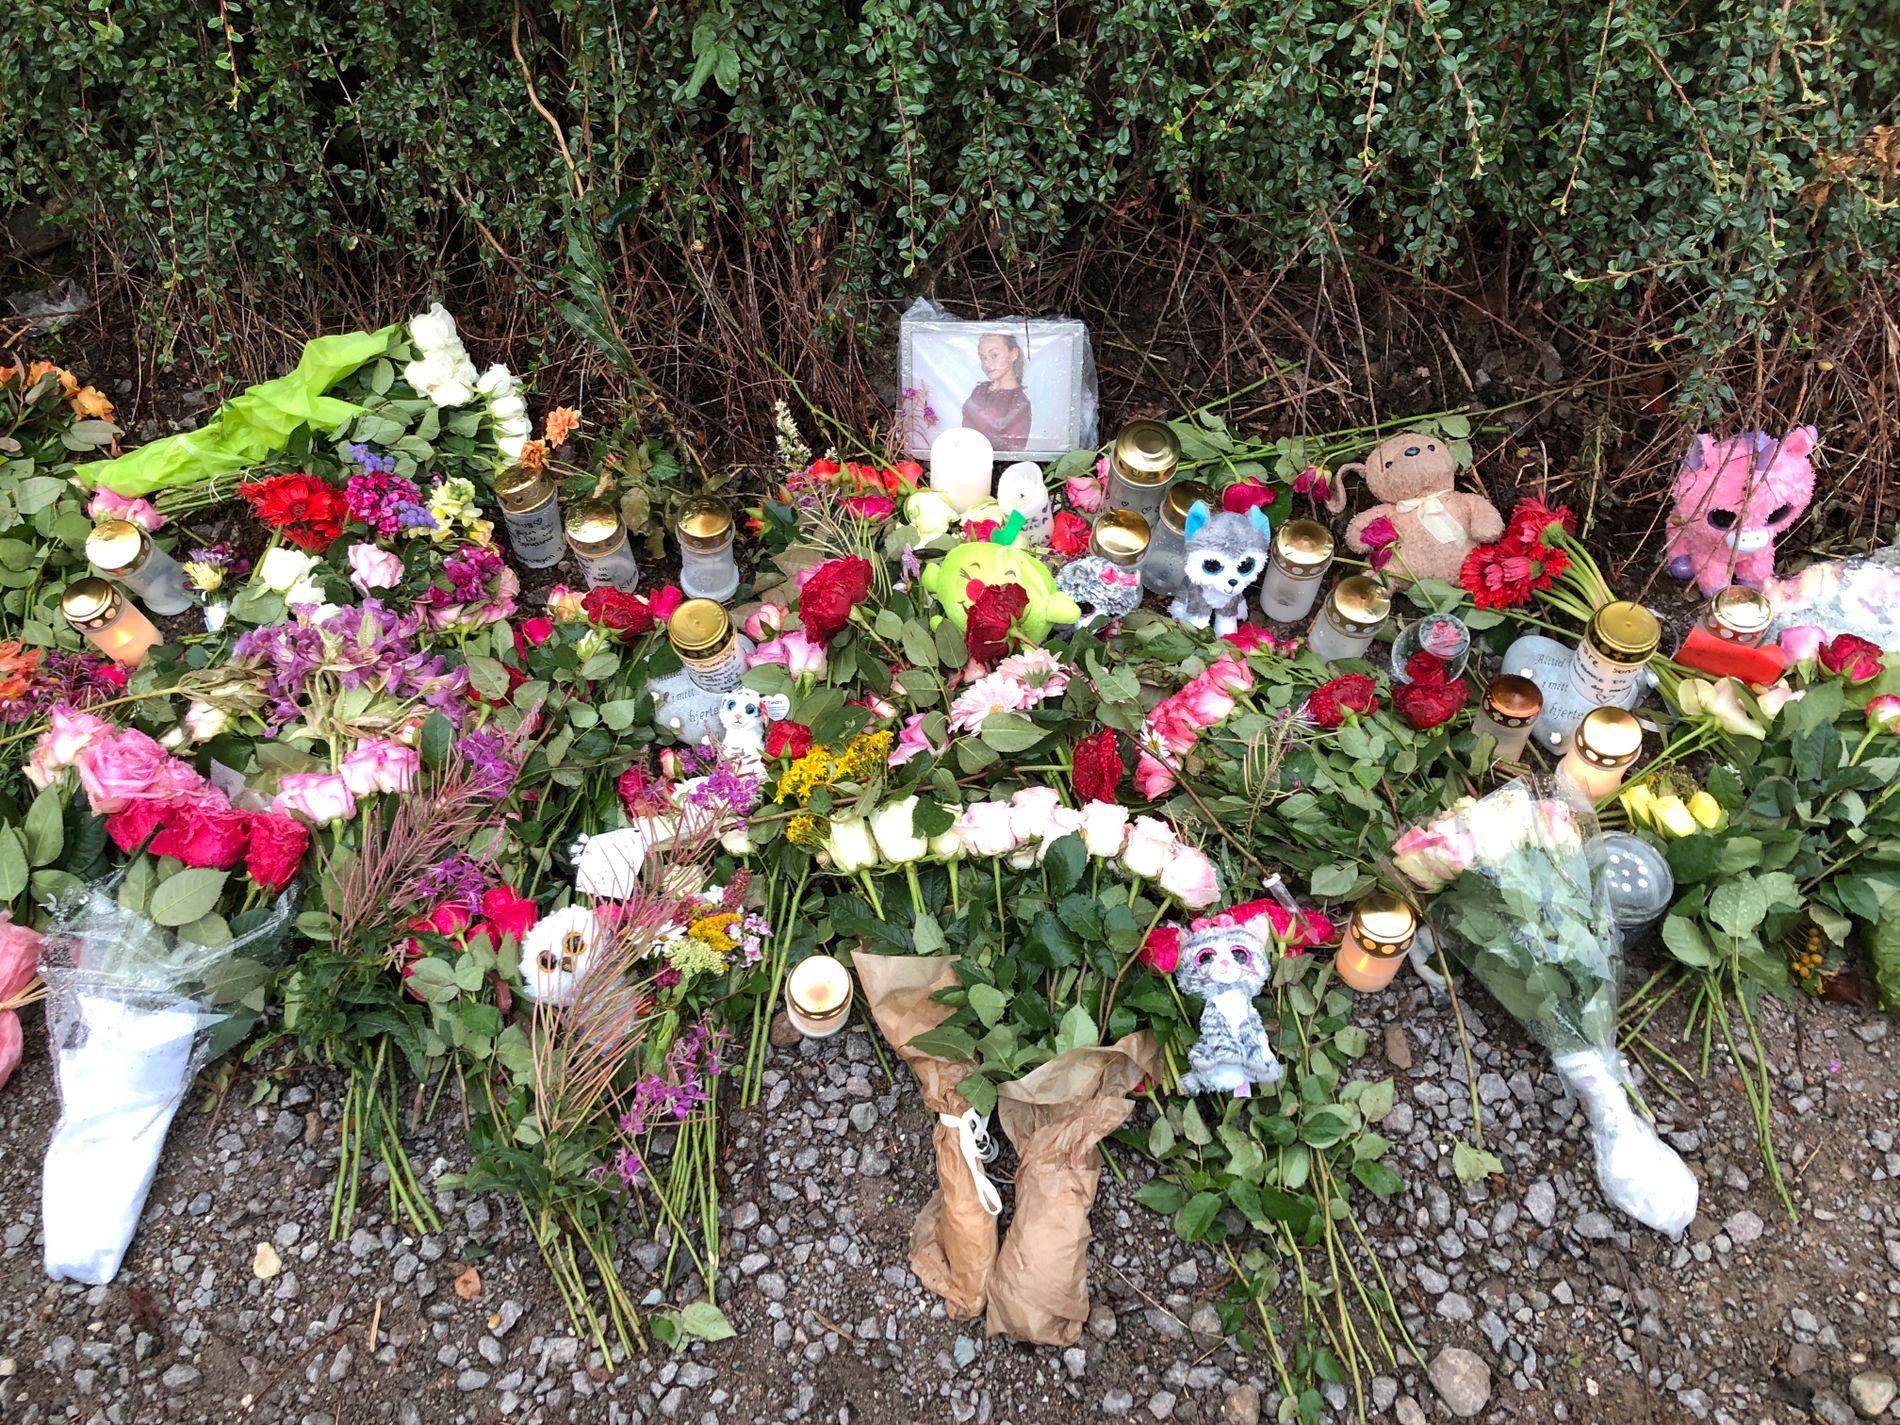 BLOMSTER: Sunniva Ødegård ble funnet på en gangsti like ved sitt eget hjem. Lørdag kveld var funnstedet dekket av blomster.